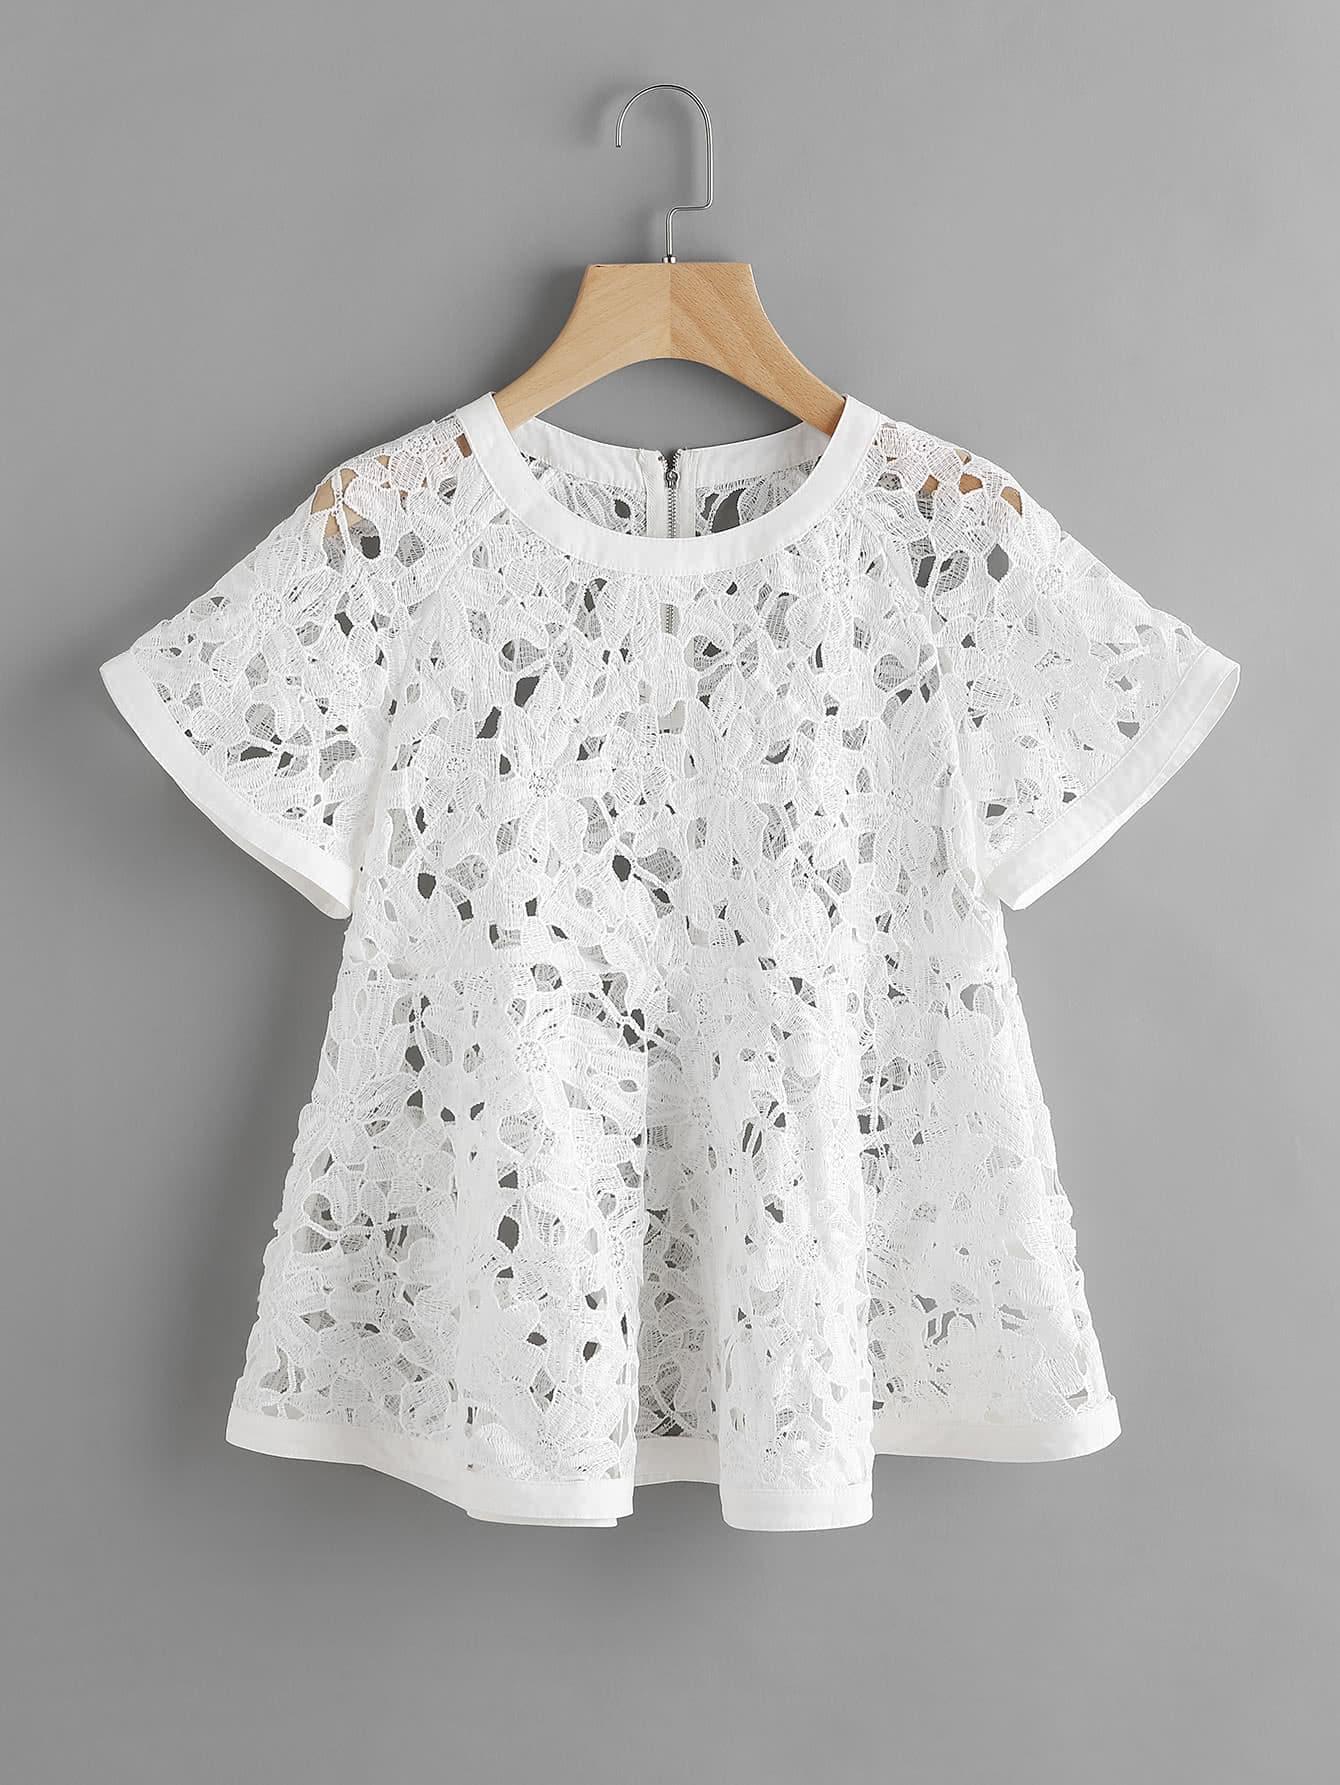 Zip Back Floral Crochet Trapeze Top blouse170518708